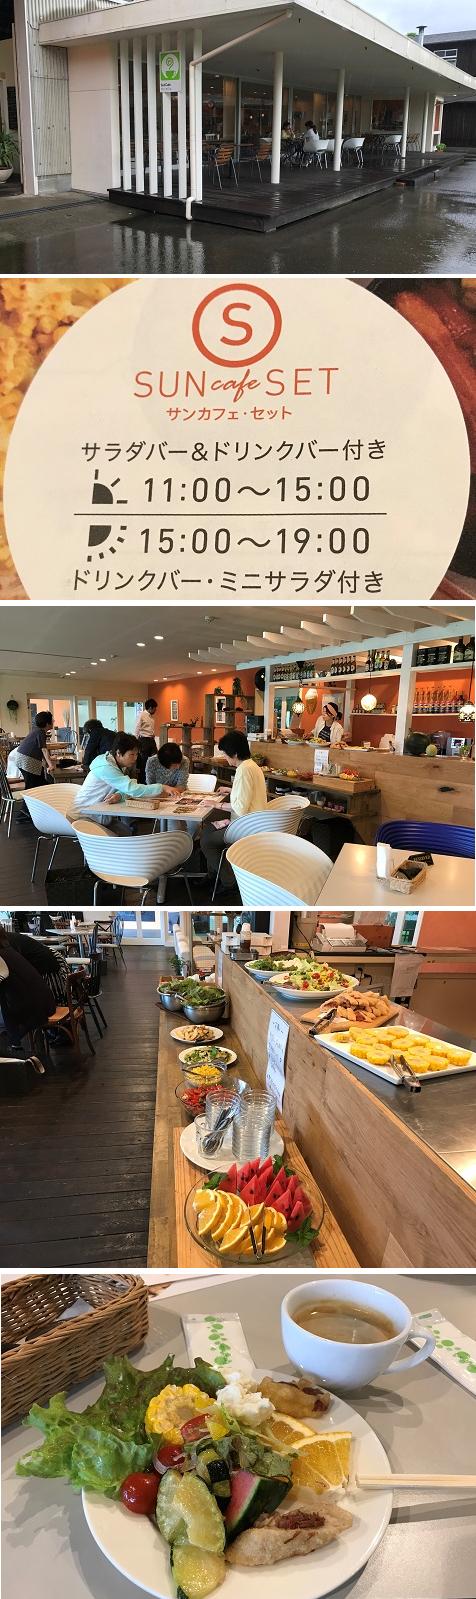 20170705サンカフェ1